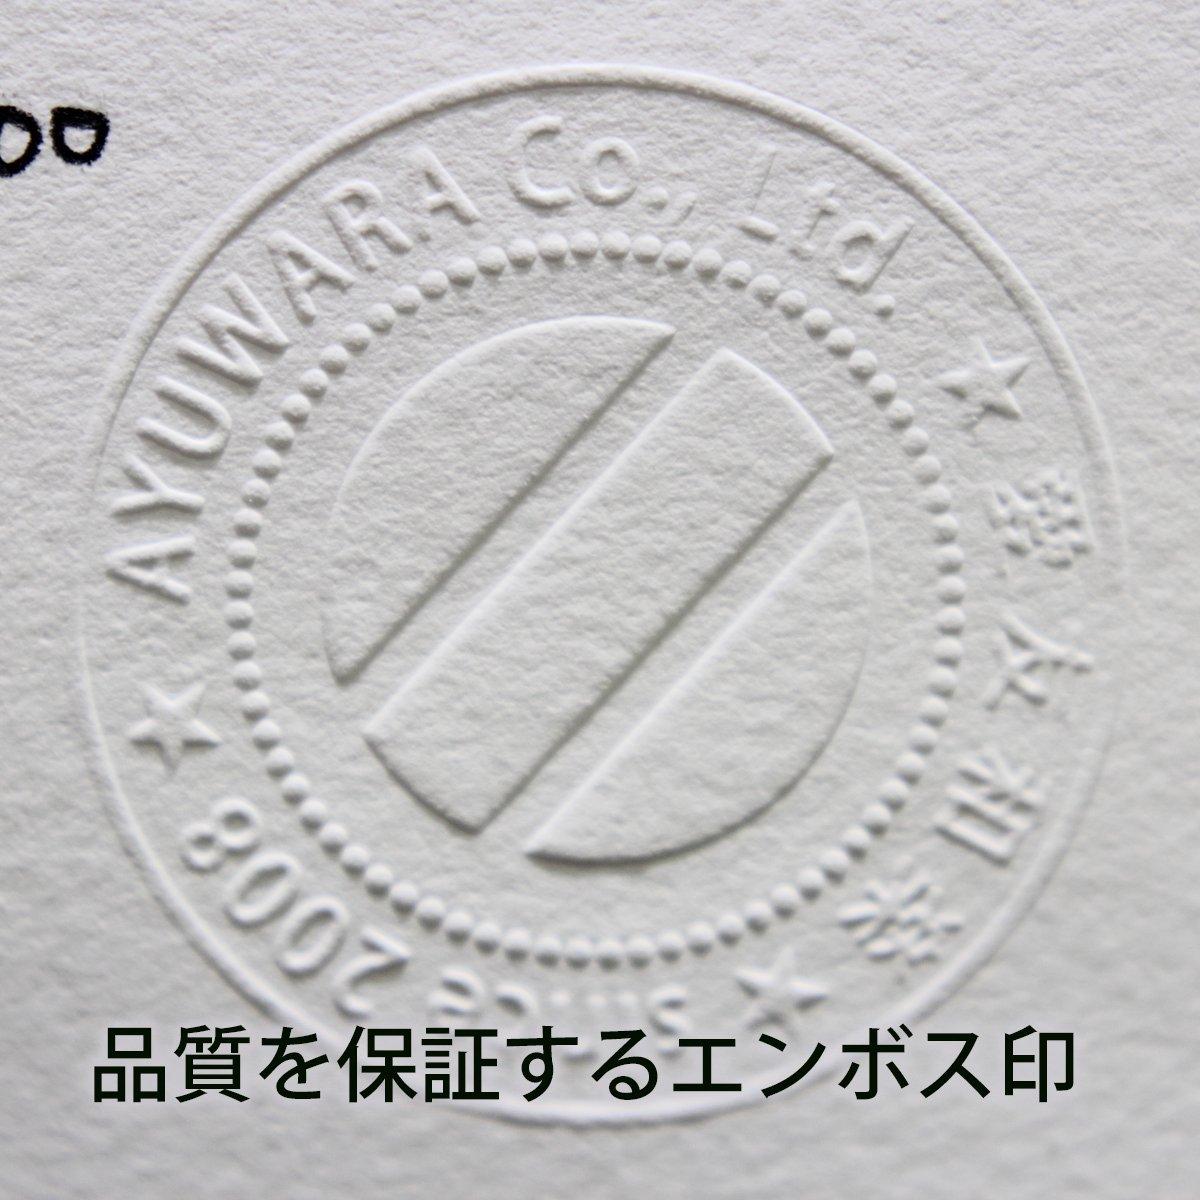 《アートフォト》【ベスト】白い丘5/美瑛町〔富良野・高橋真澄〕(レンタル対象)